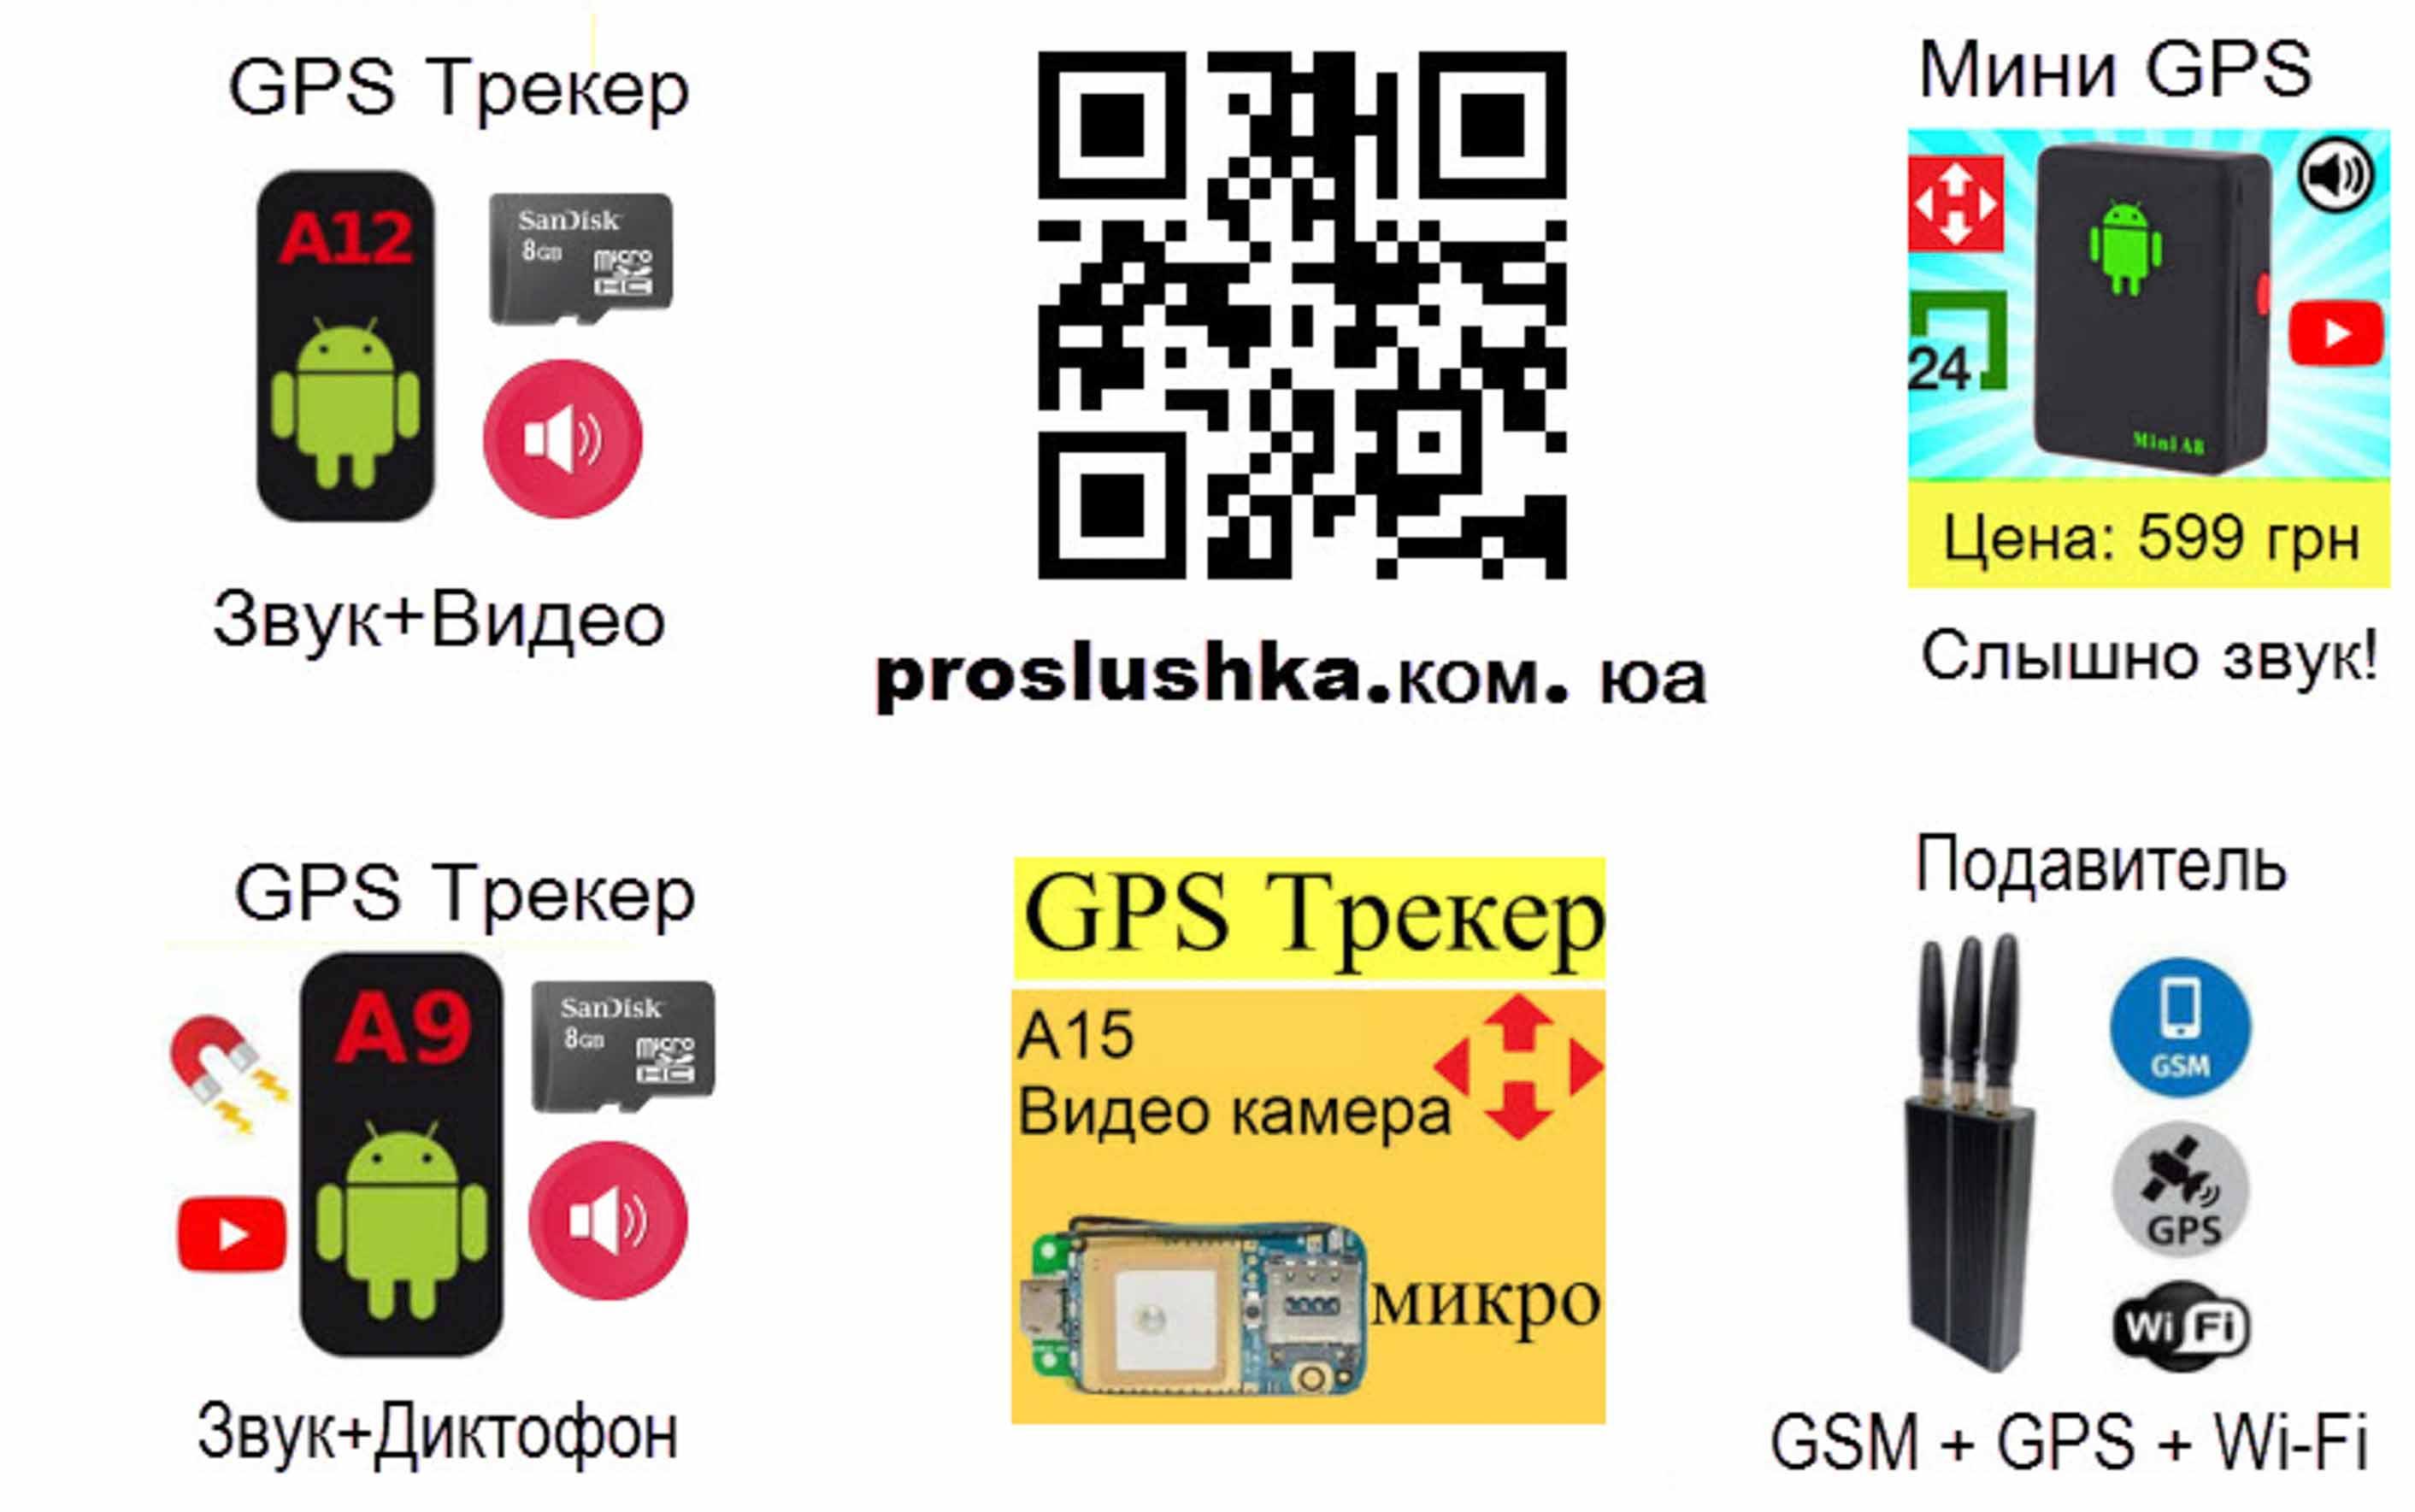 Купить GPS Трекеры в Украине от 649 грн фото 1